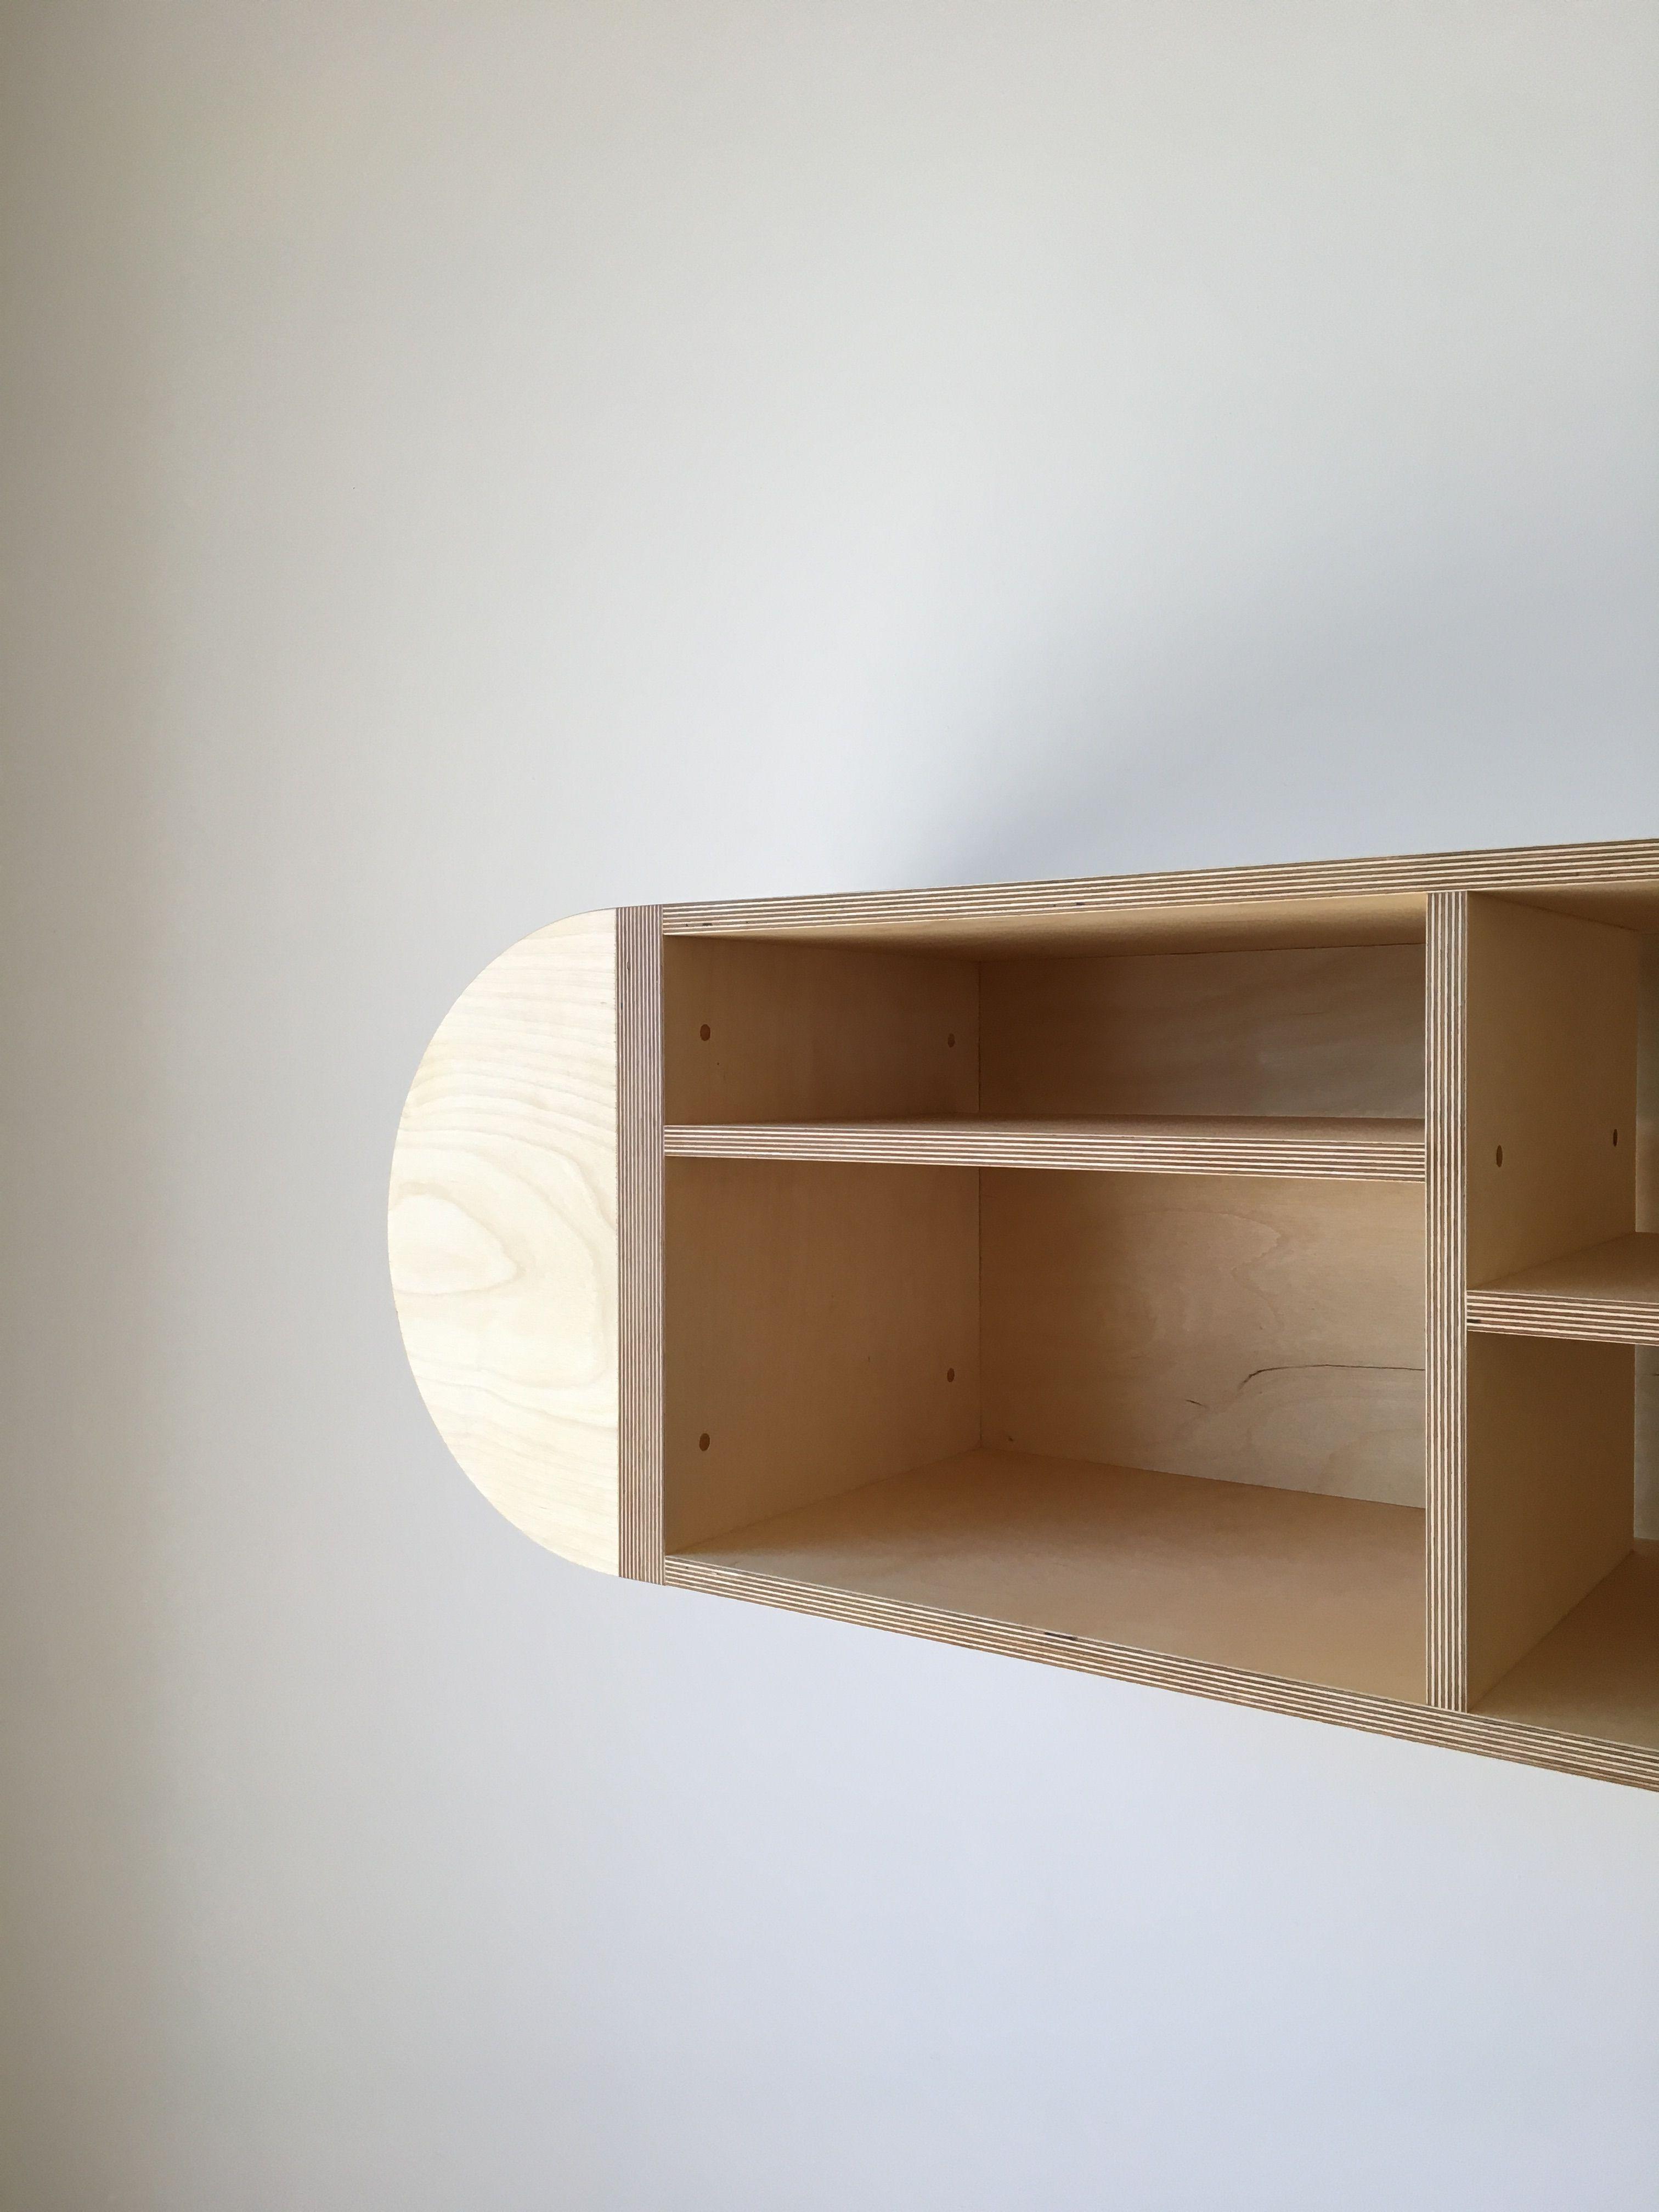 Half Round Storage Unit - Mouthwash Studio product image 6